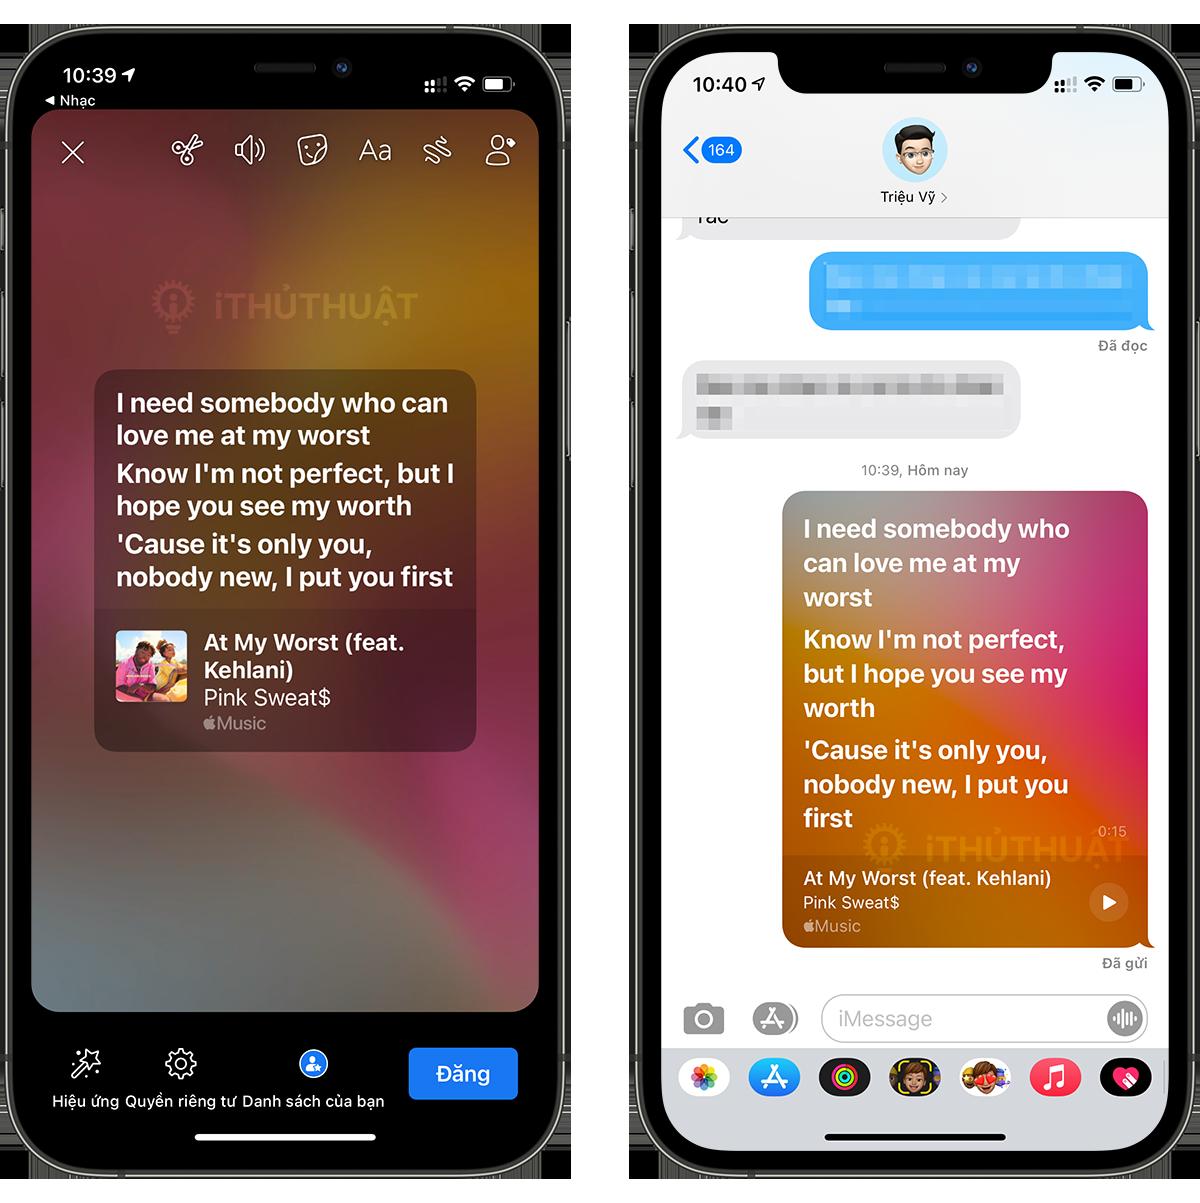 Cách chia sẻ lời bài hát trong Apple Music 7